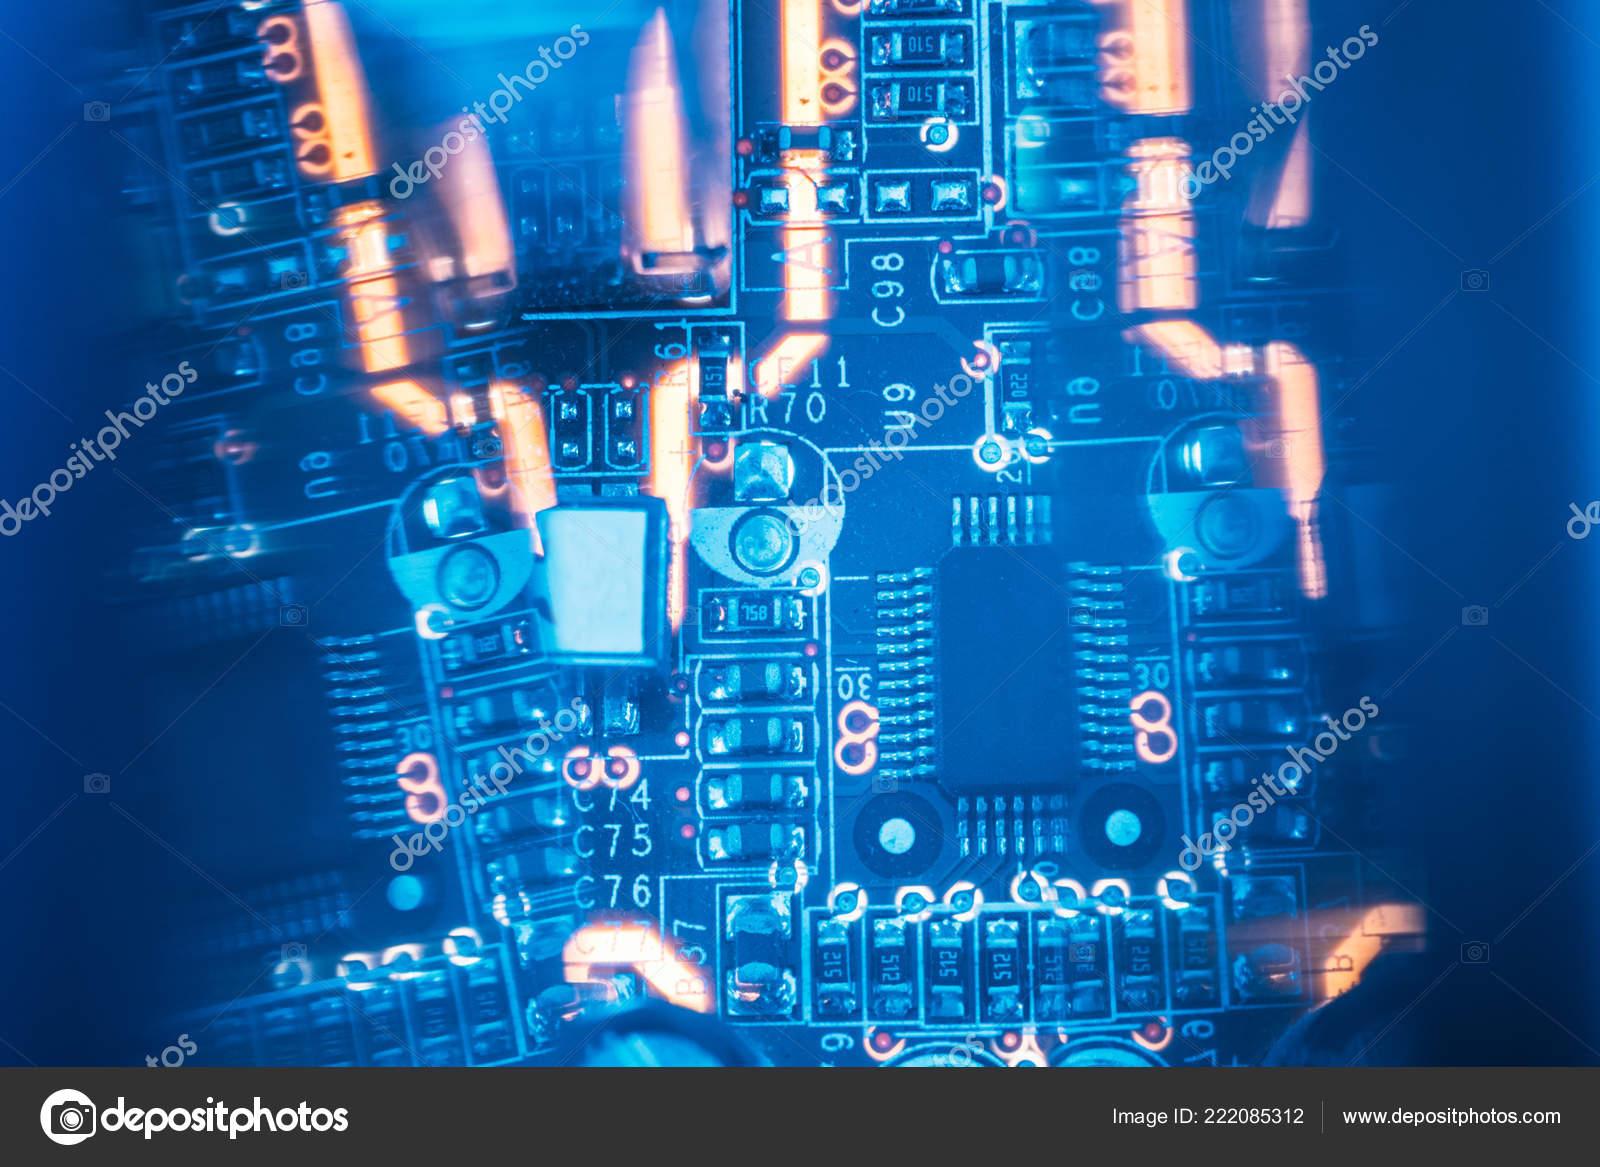 Бизнес план микроэлектроника открытие школы бизнес план